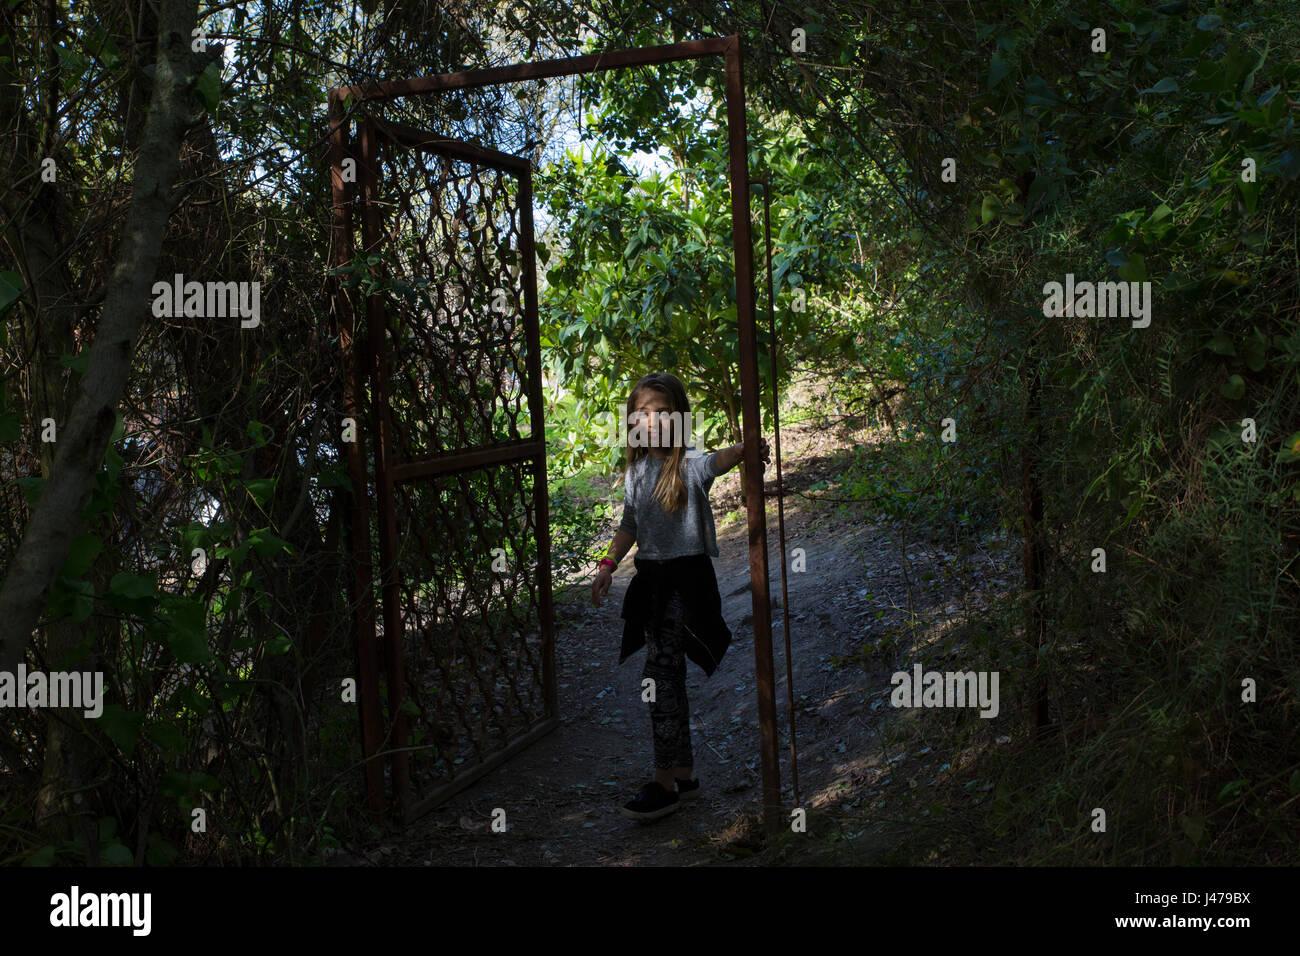 Junges Mädchen tanzt allein im Wald. Model-Release verfügbar Stockbild